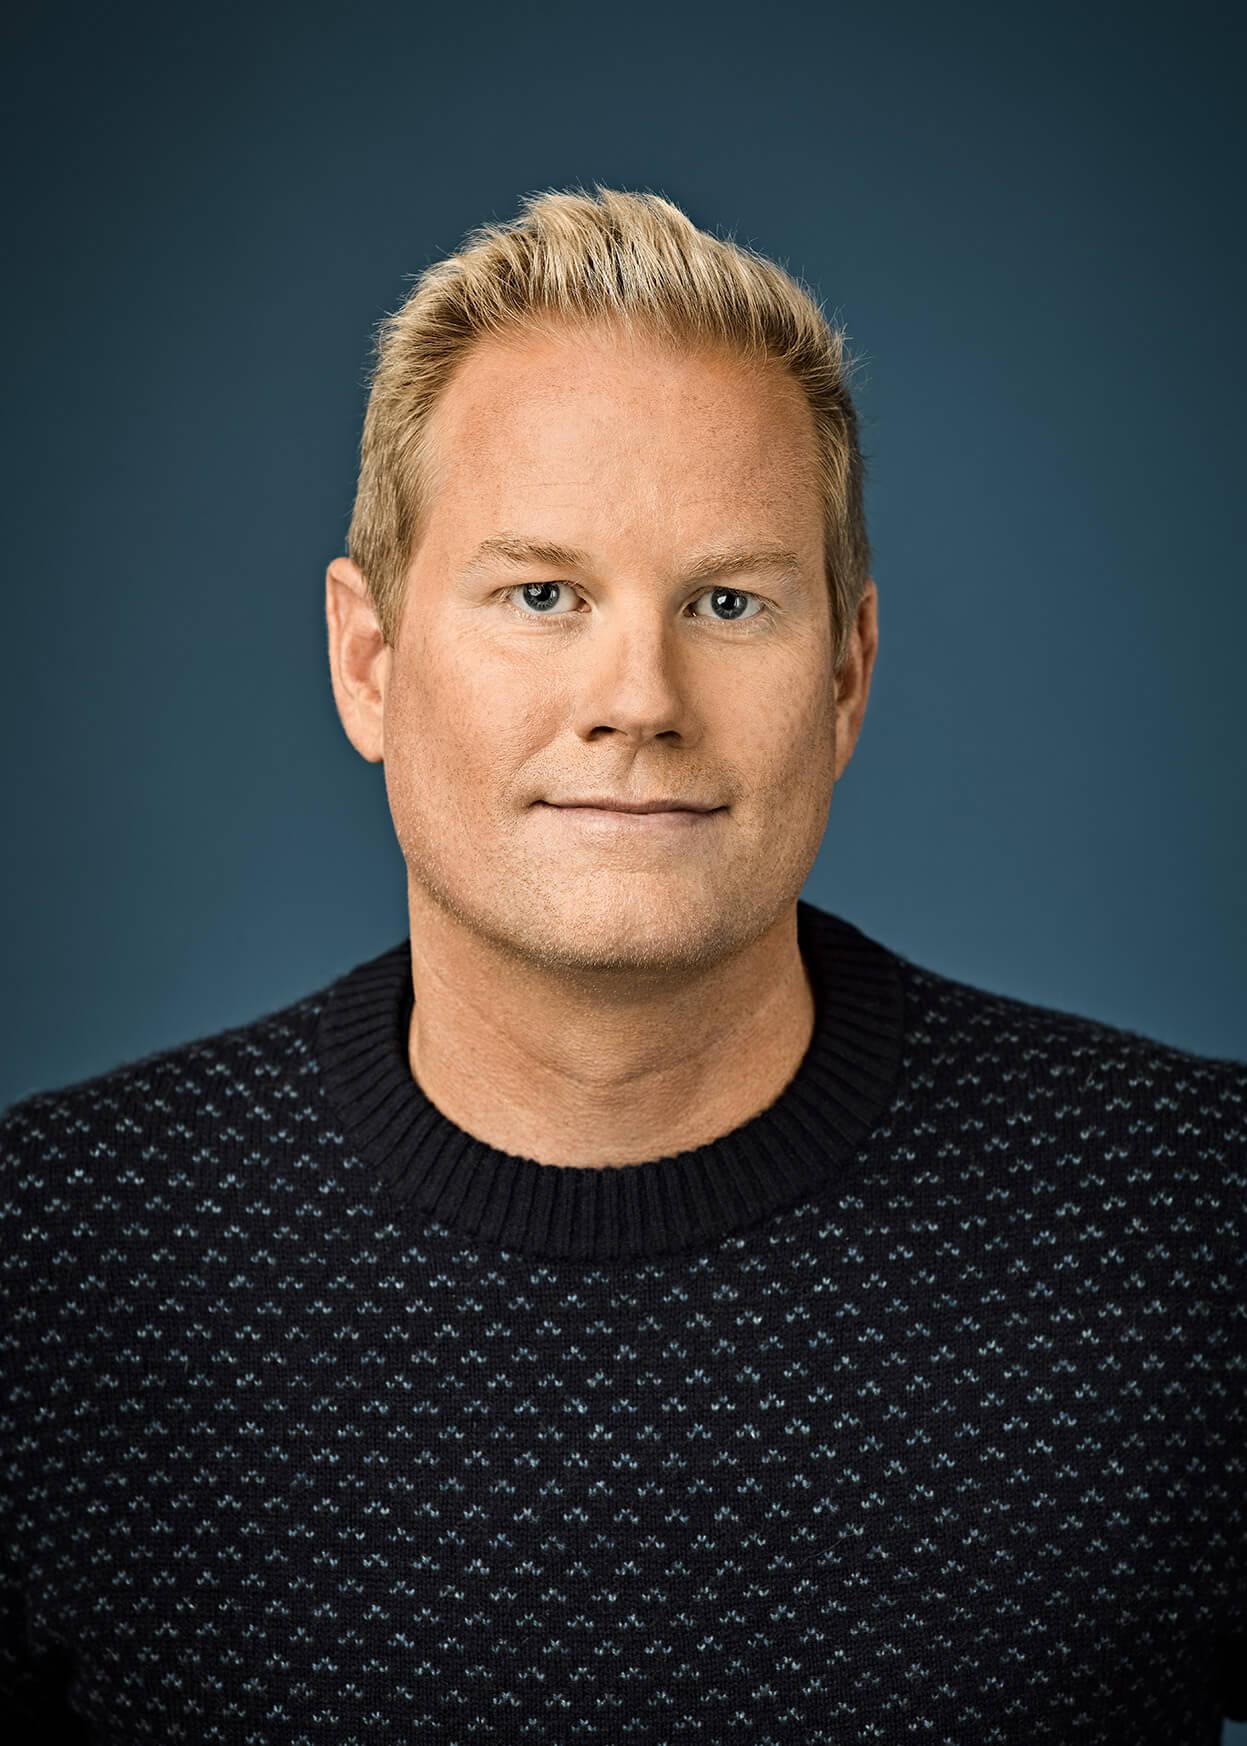 Travis Boettner